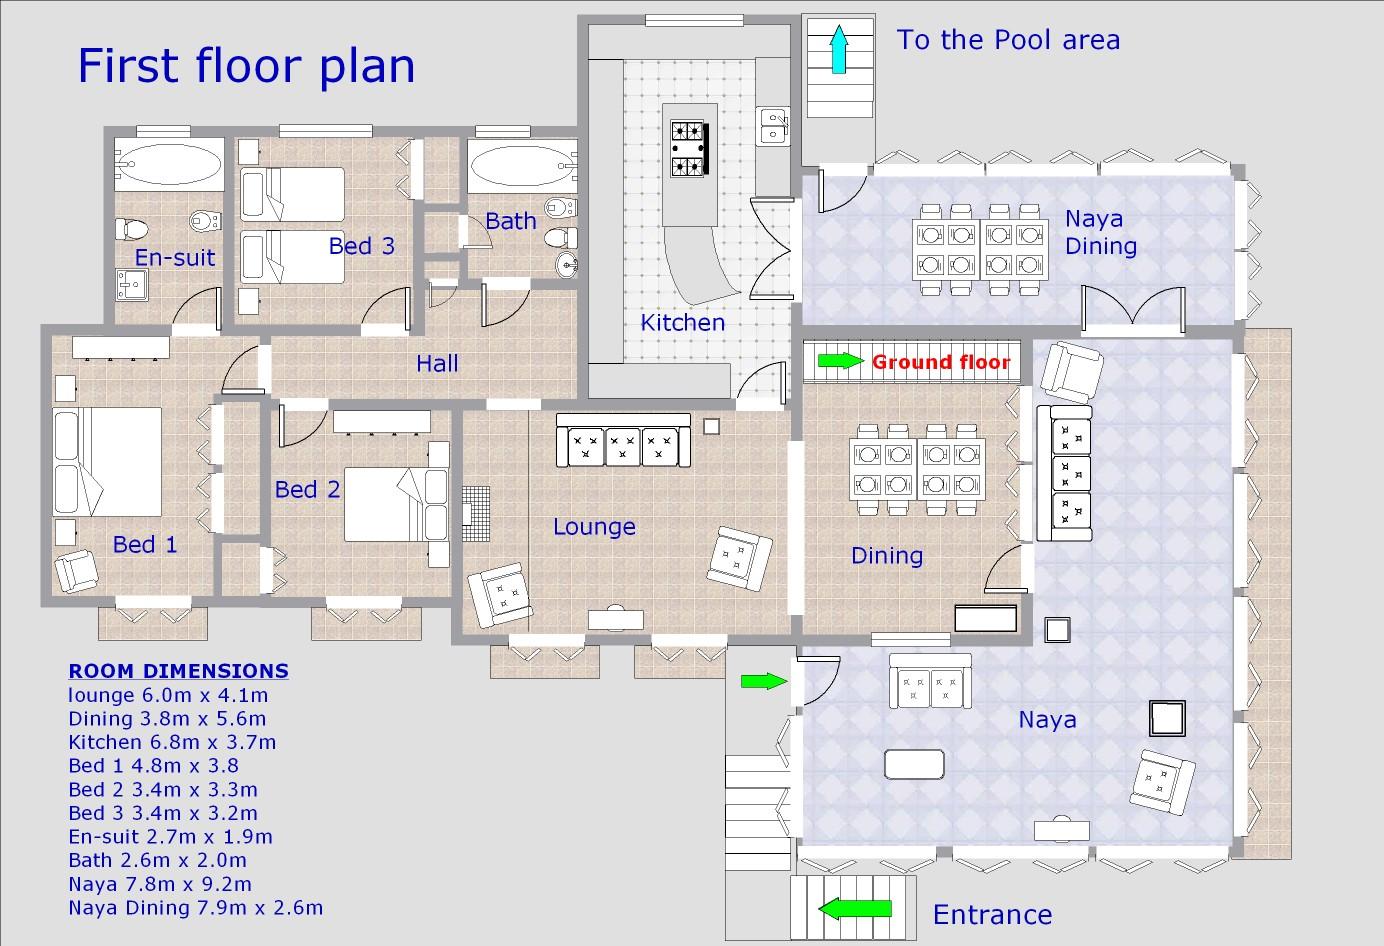 espazar first floor plan